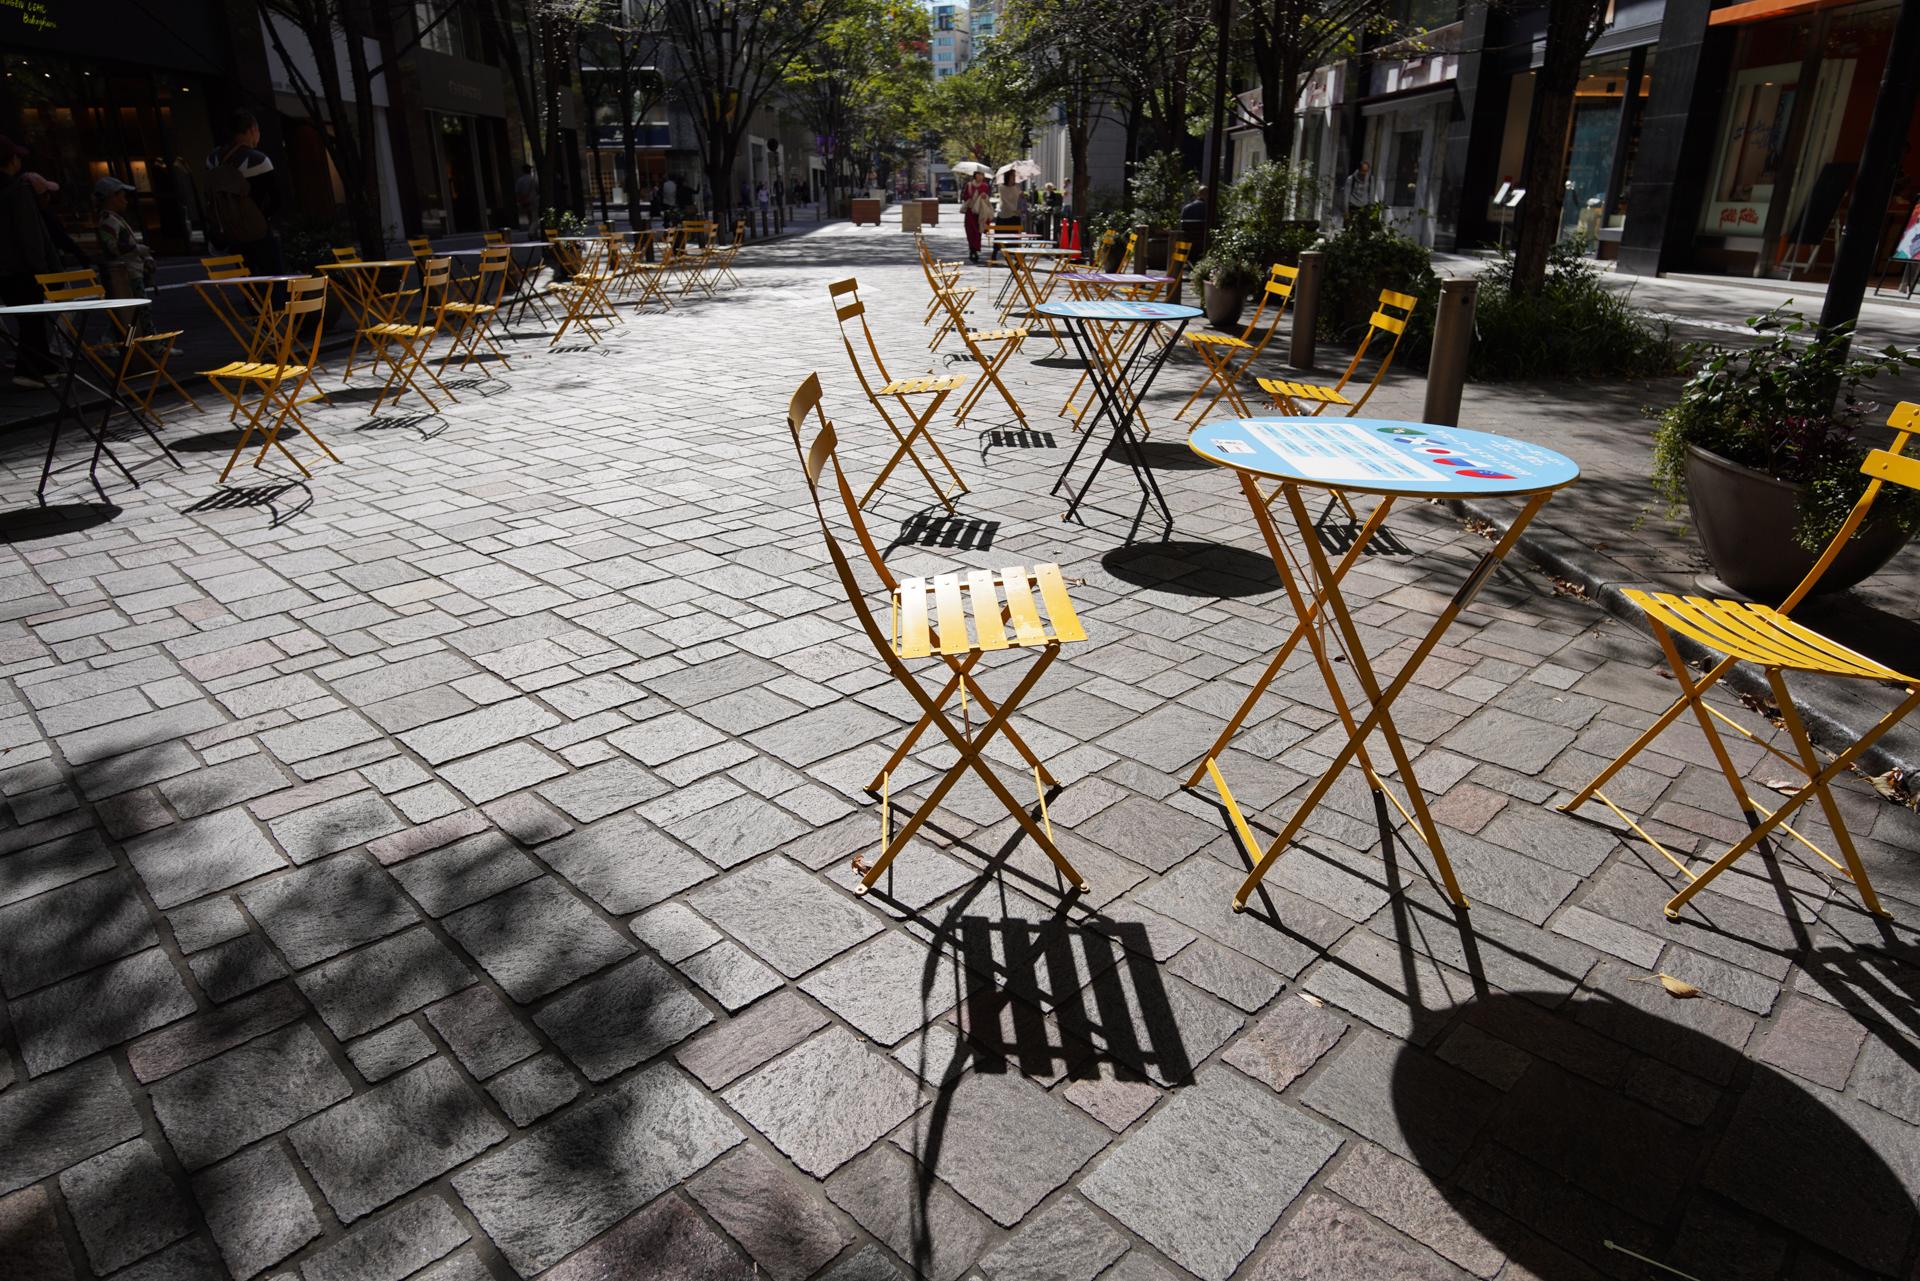 丸の内通りは、平日と休日で時間帯は違うが365日間歩行者天国になる。テーブルが置かれて街角カフェのようになった雰囲気を狙った。陰影を強調するために逆光で、広さを加えるために腰ぐらいの高さから撮影した。α7R III / ISO 100 / F5.6 /  1/500秒